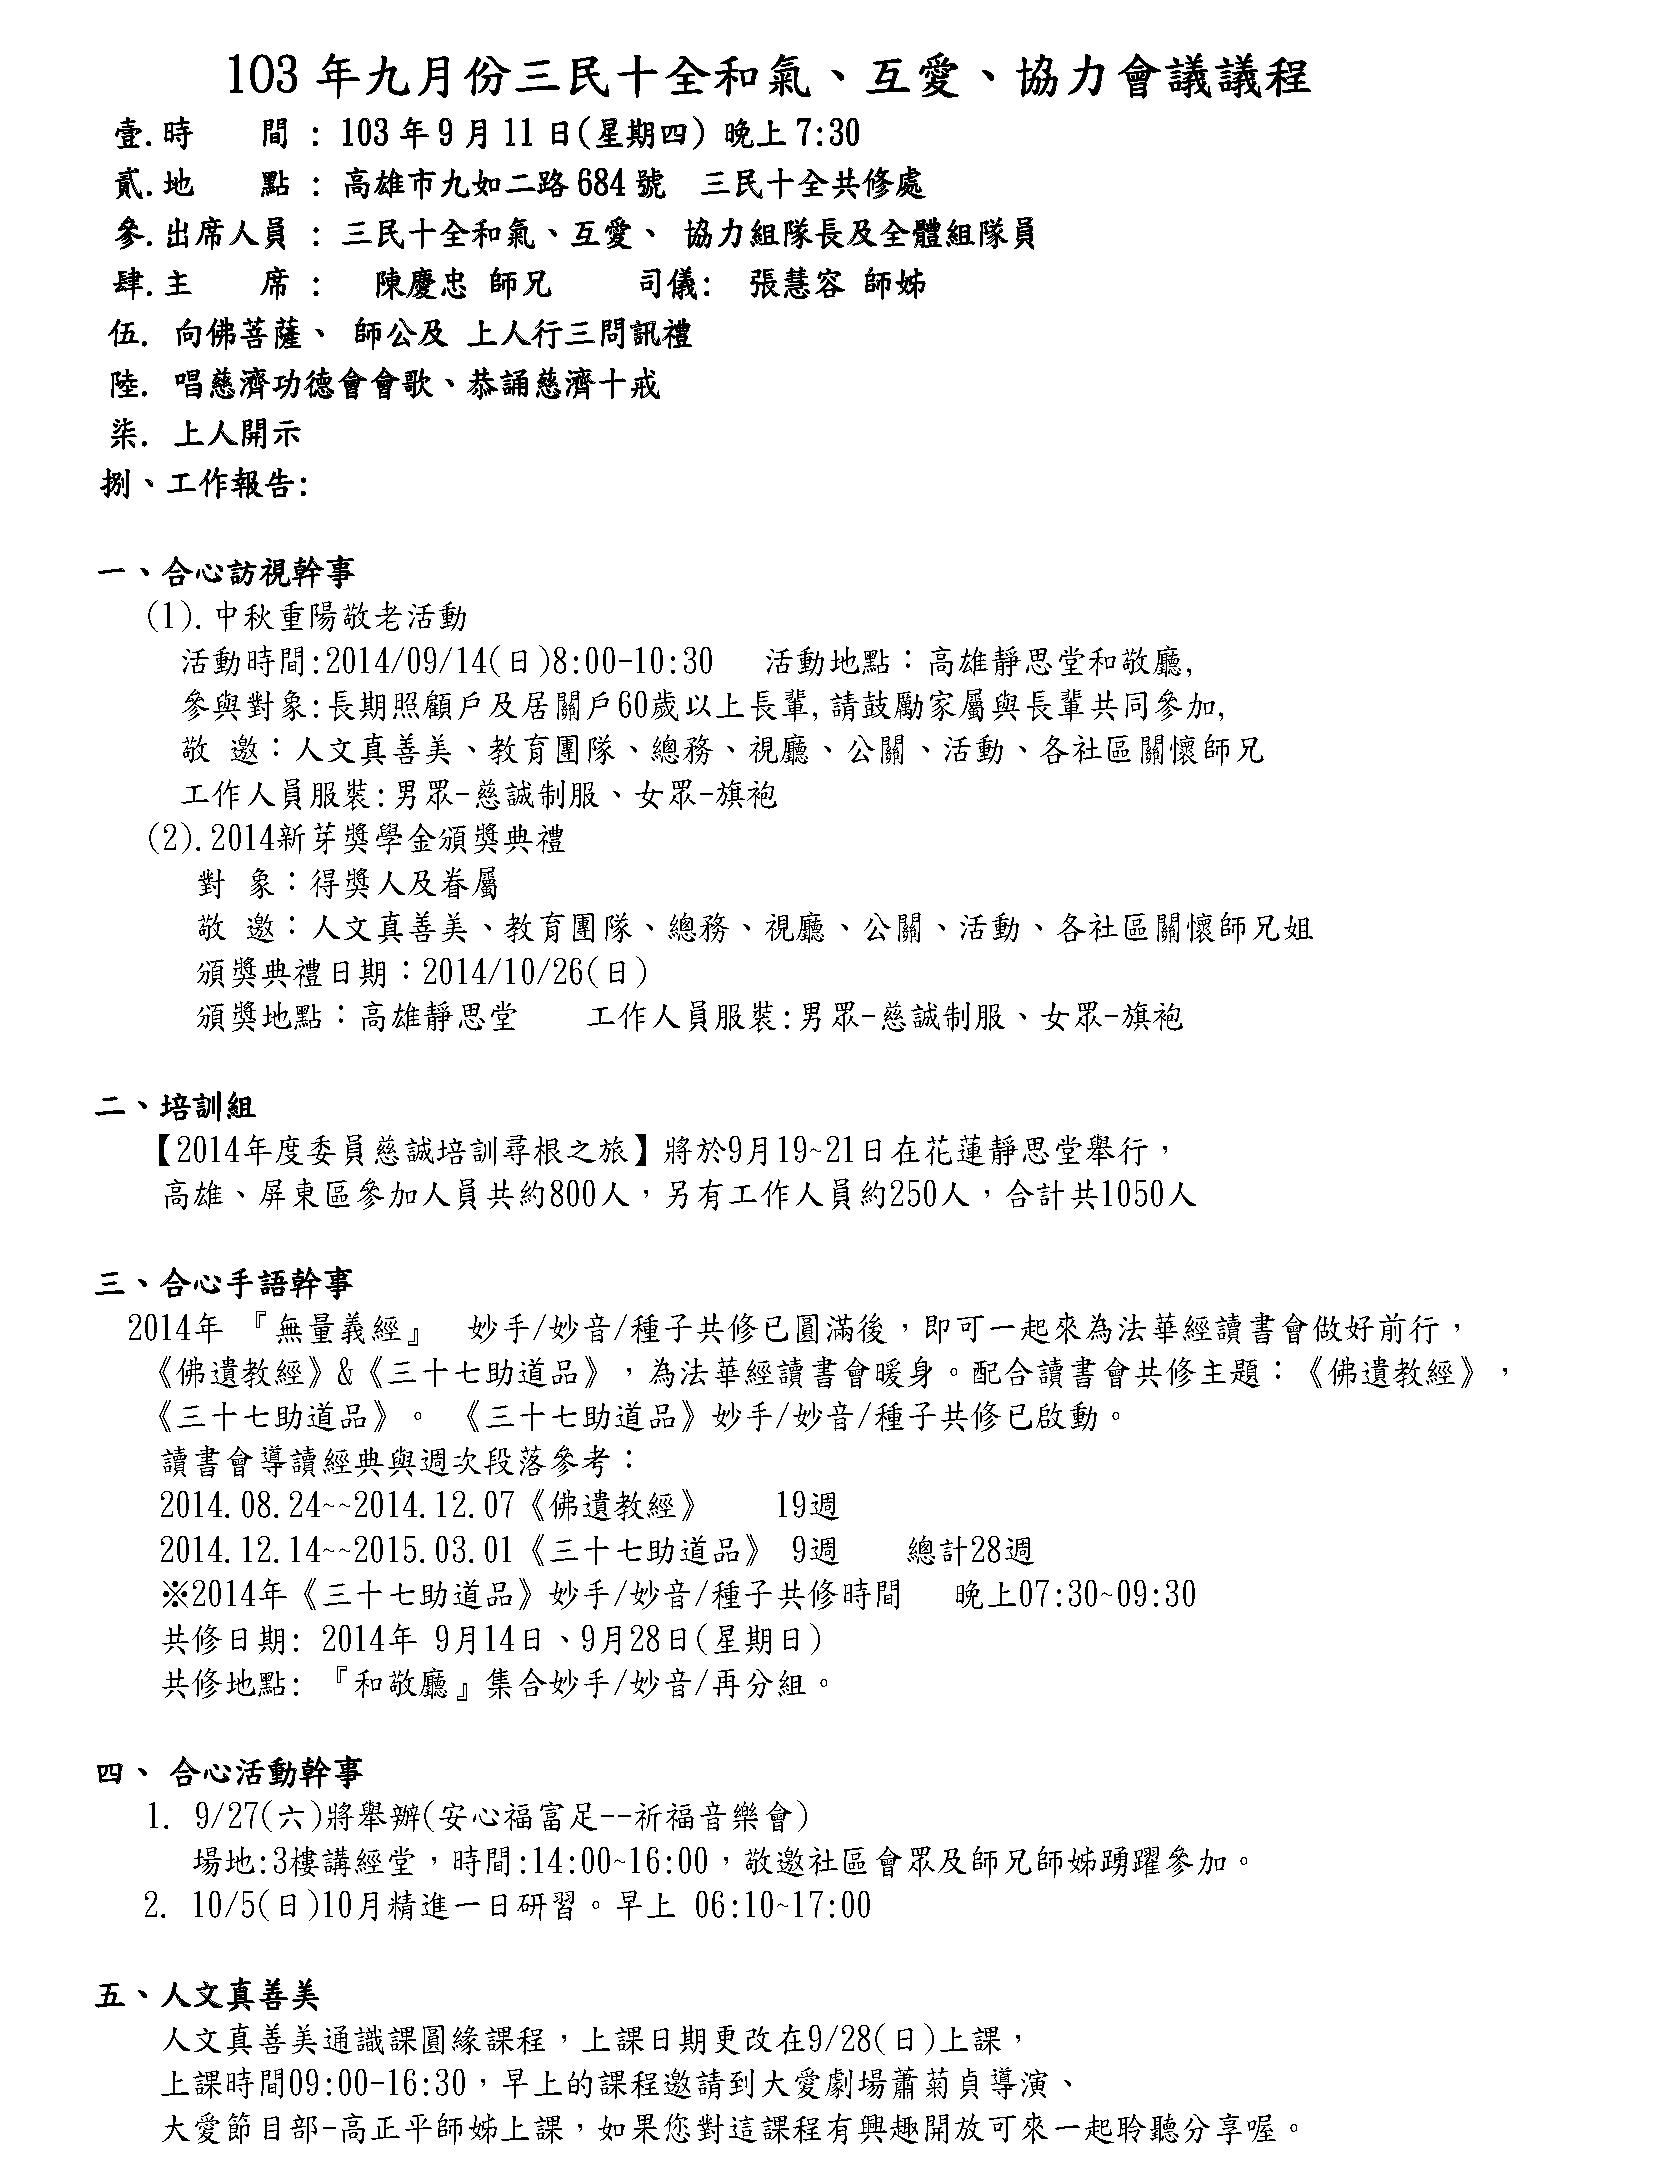 103年9月三民十全和氣互愛協力會議議程及行事曆_頁面_1.png